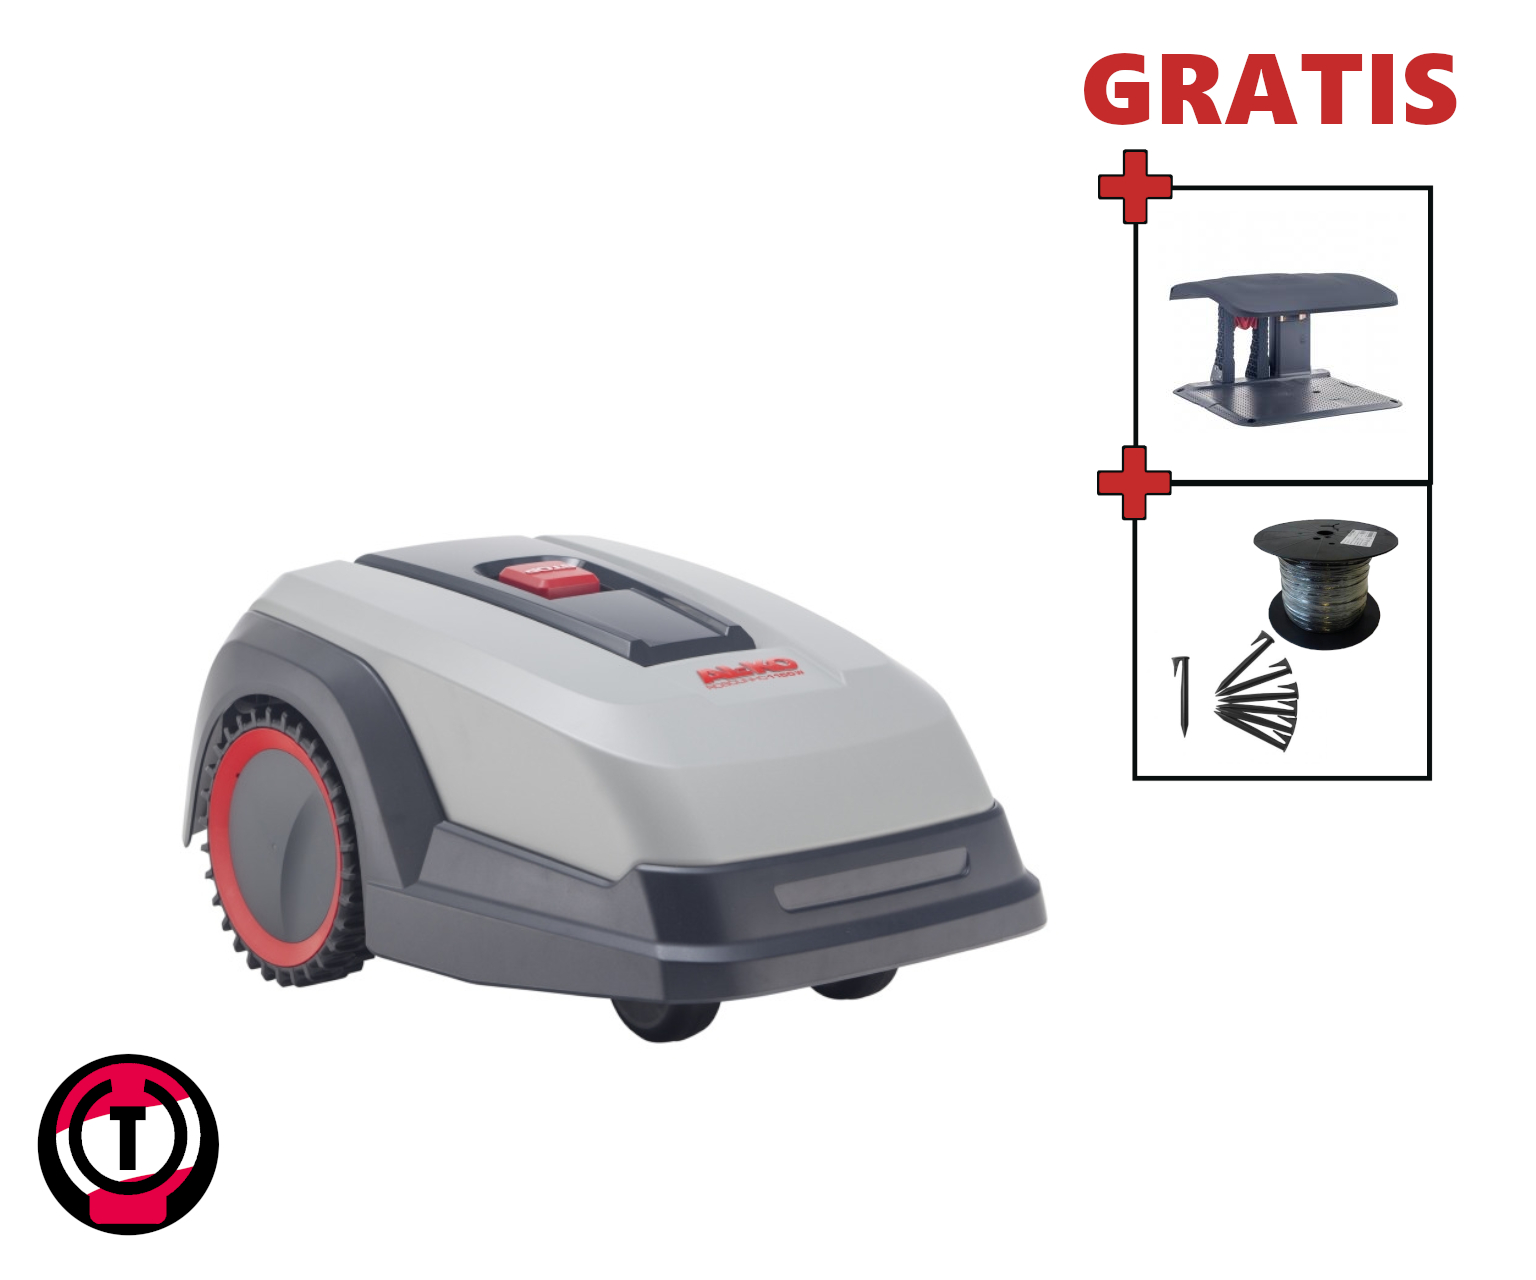 AL-KO-Robolinho-500-E-rasenroboter-set